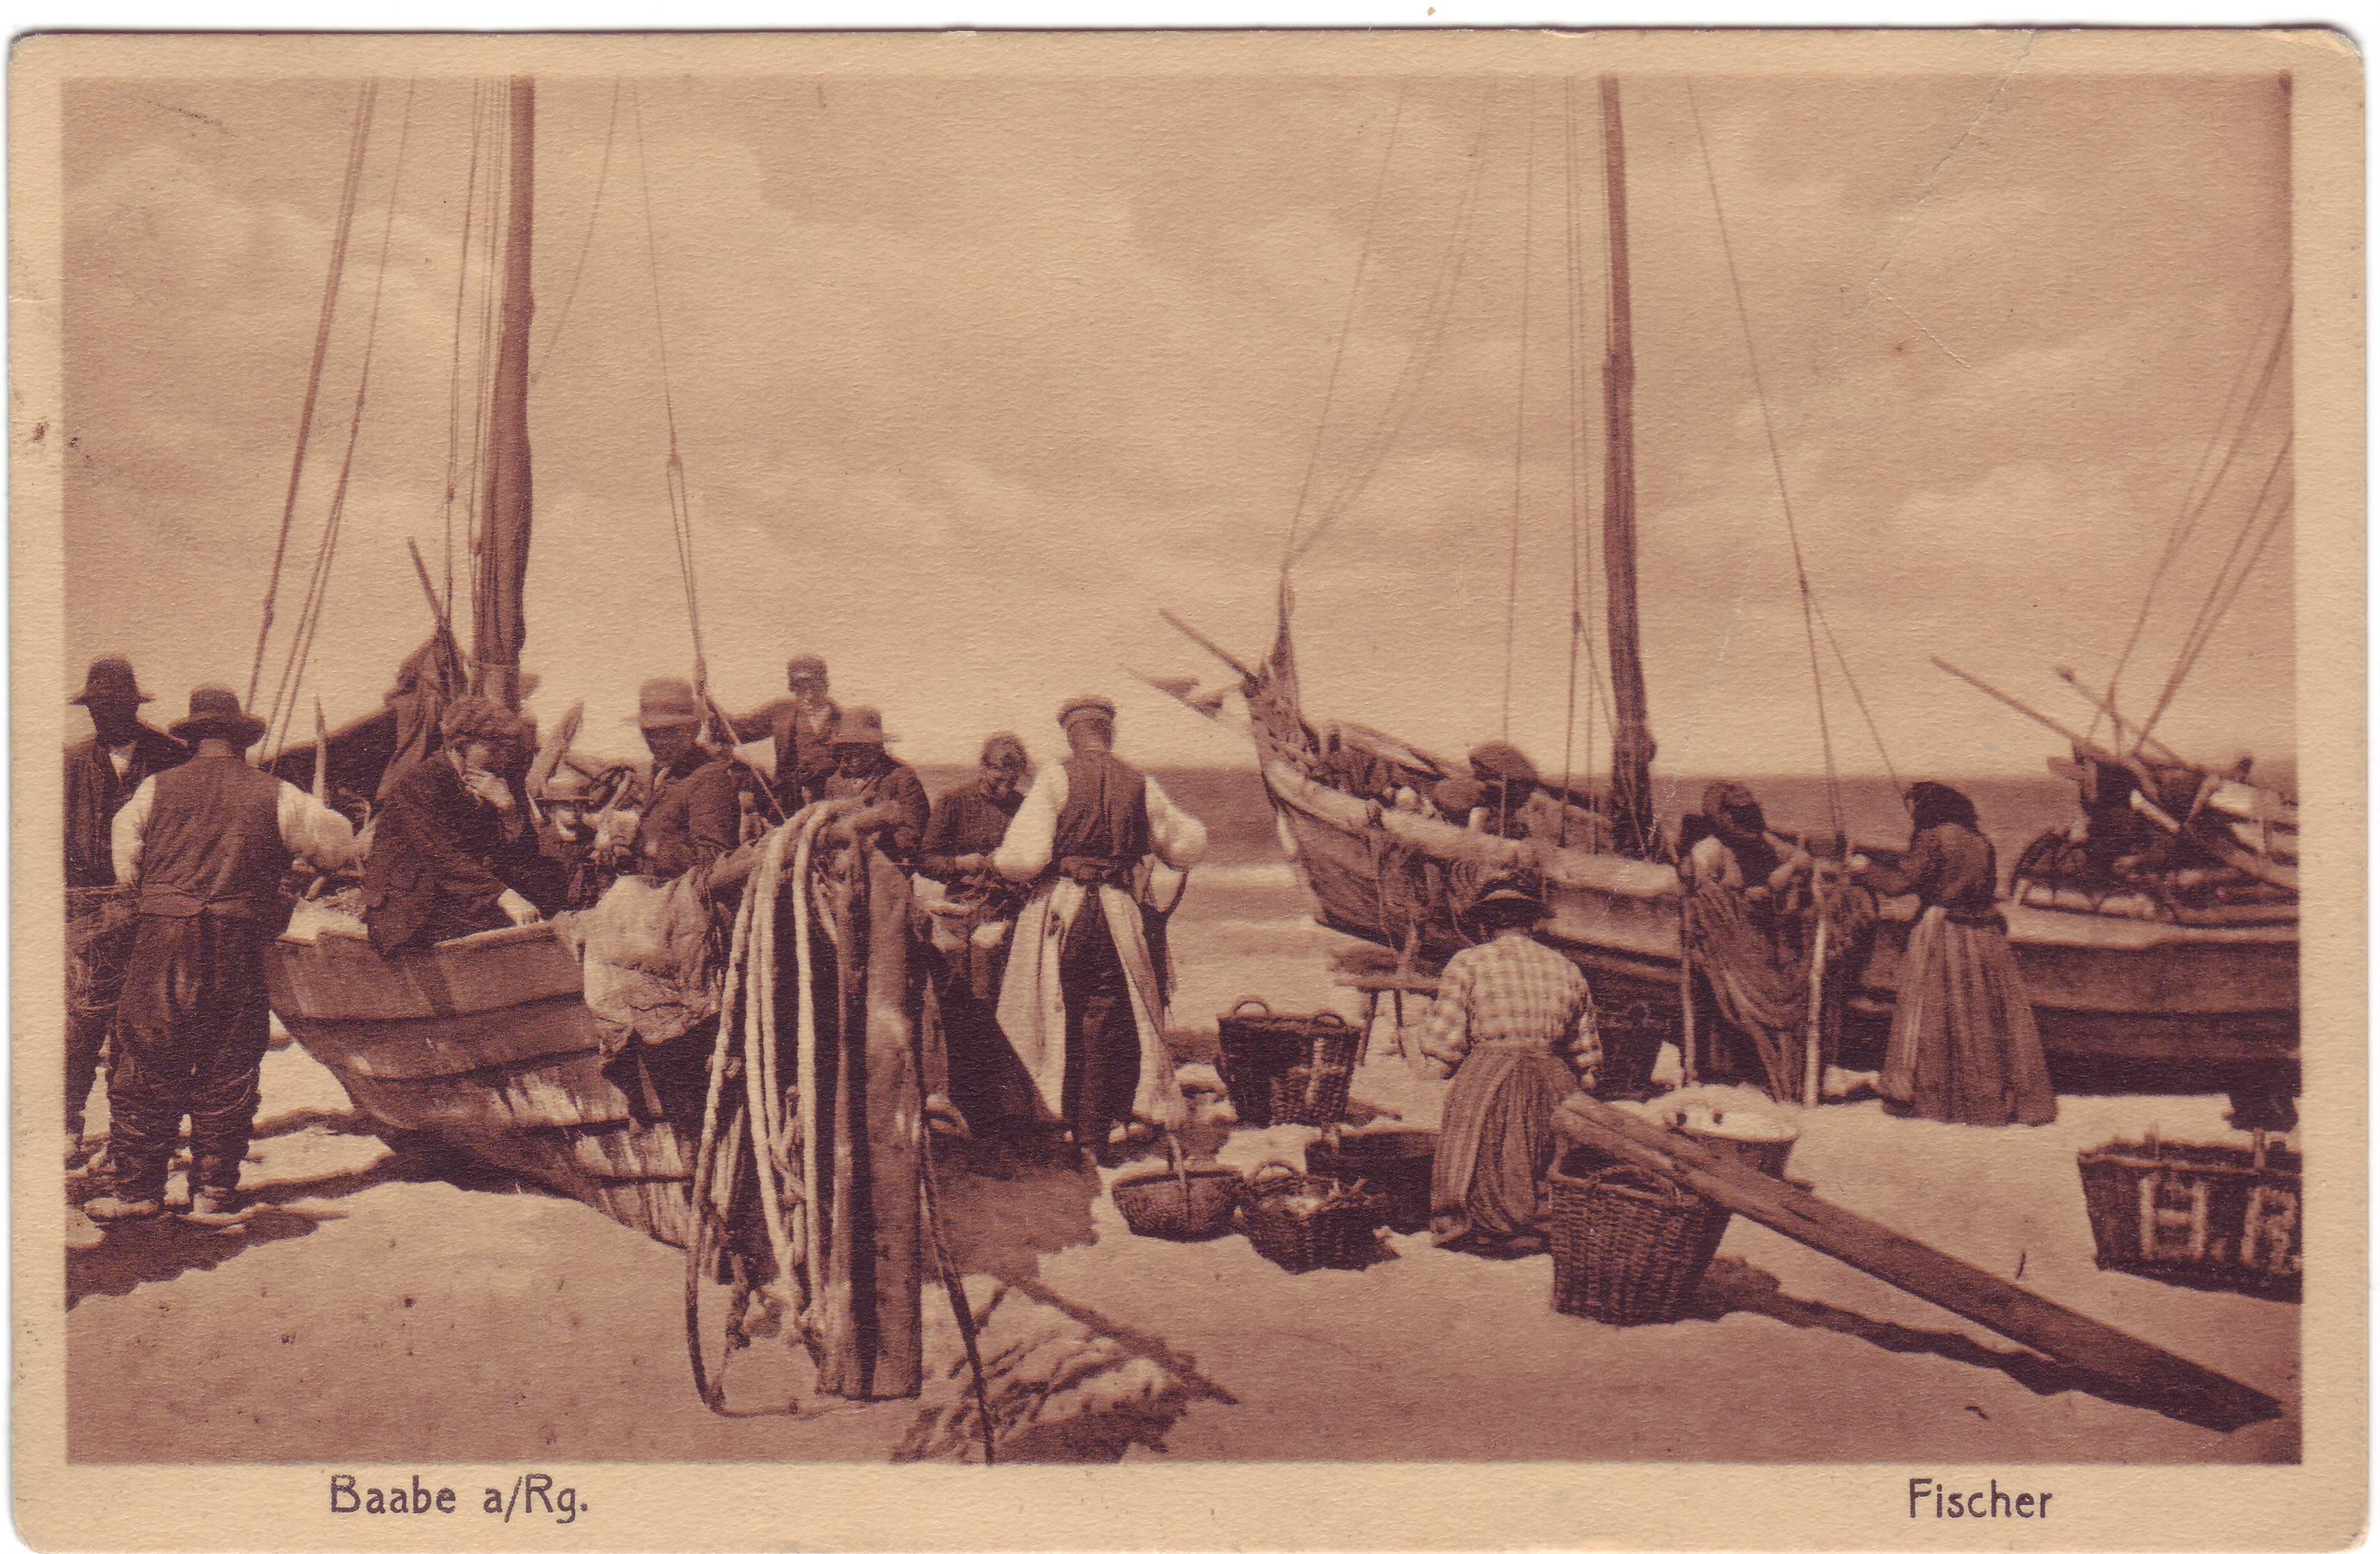 Fischer am Baaber Strand 1919